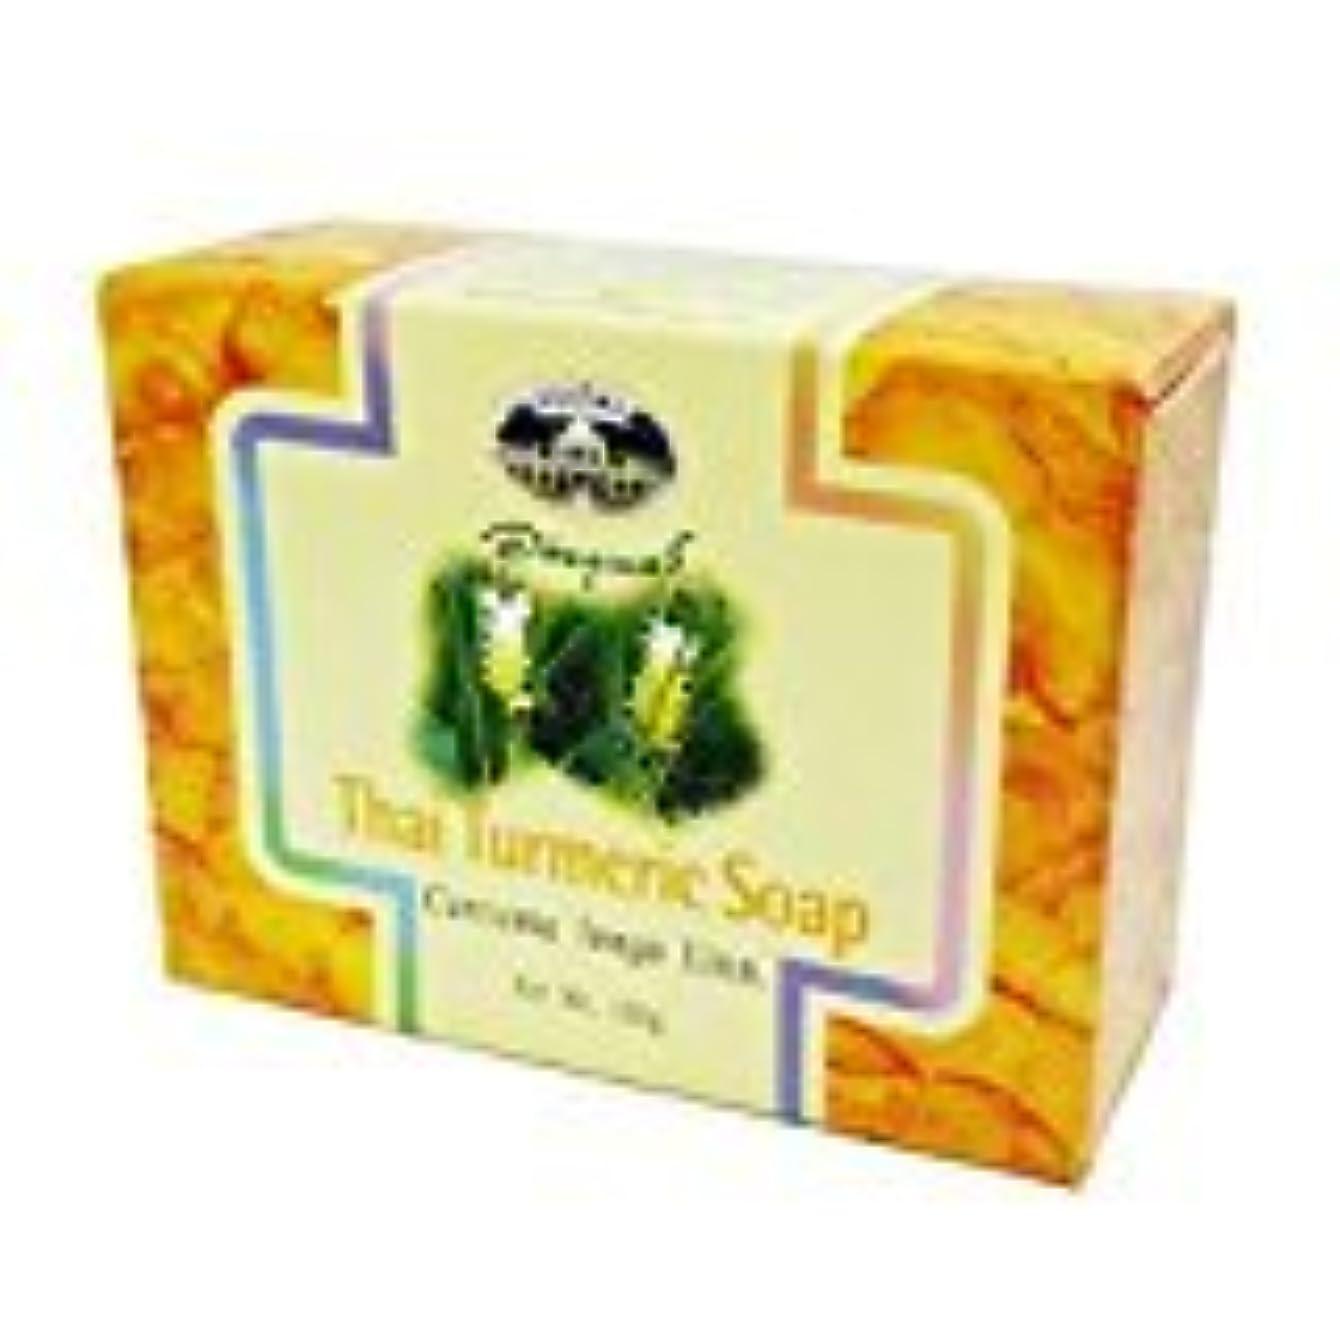 示す論理的ダイアクリティカルウコン石けん abhaibhubejhr Turmeric soap 100g